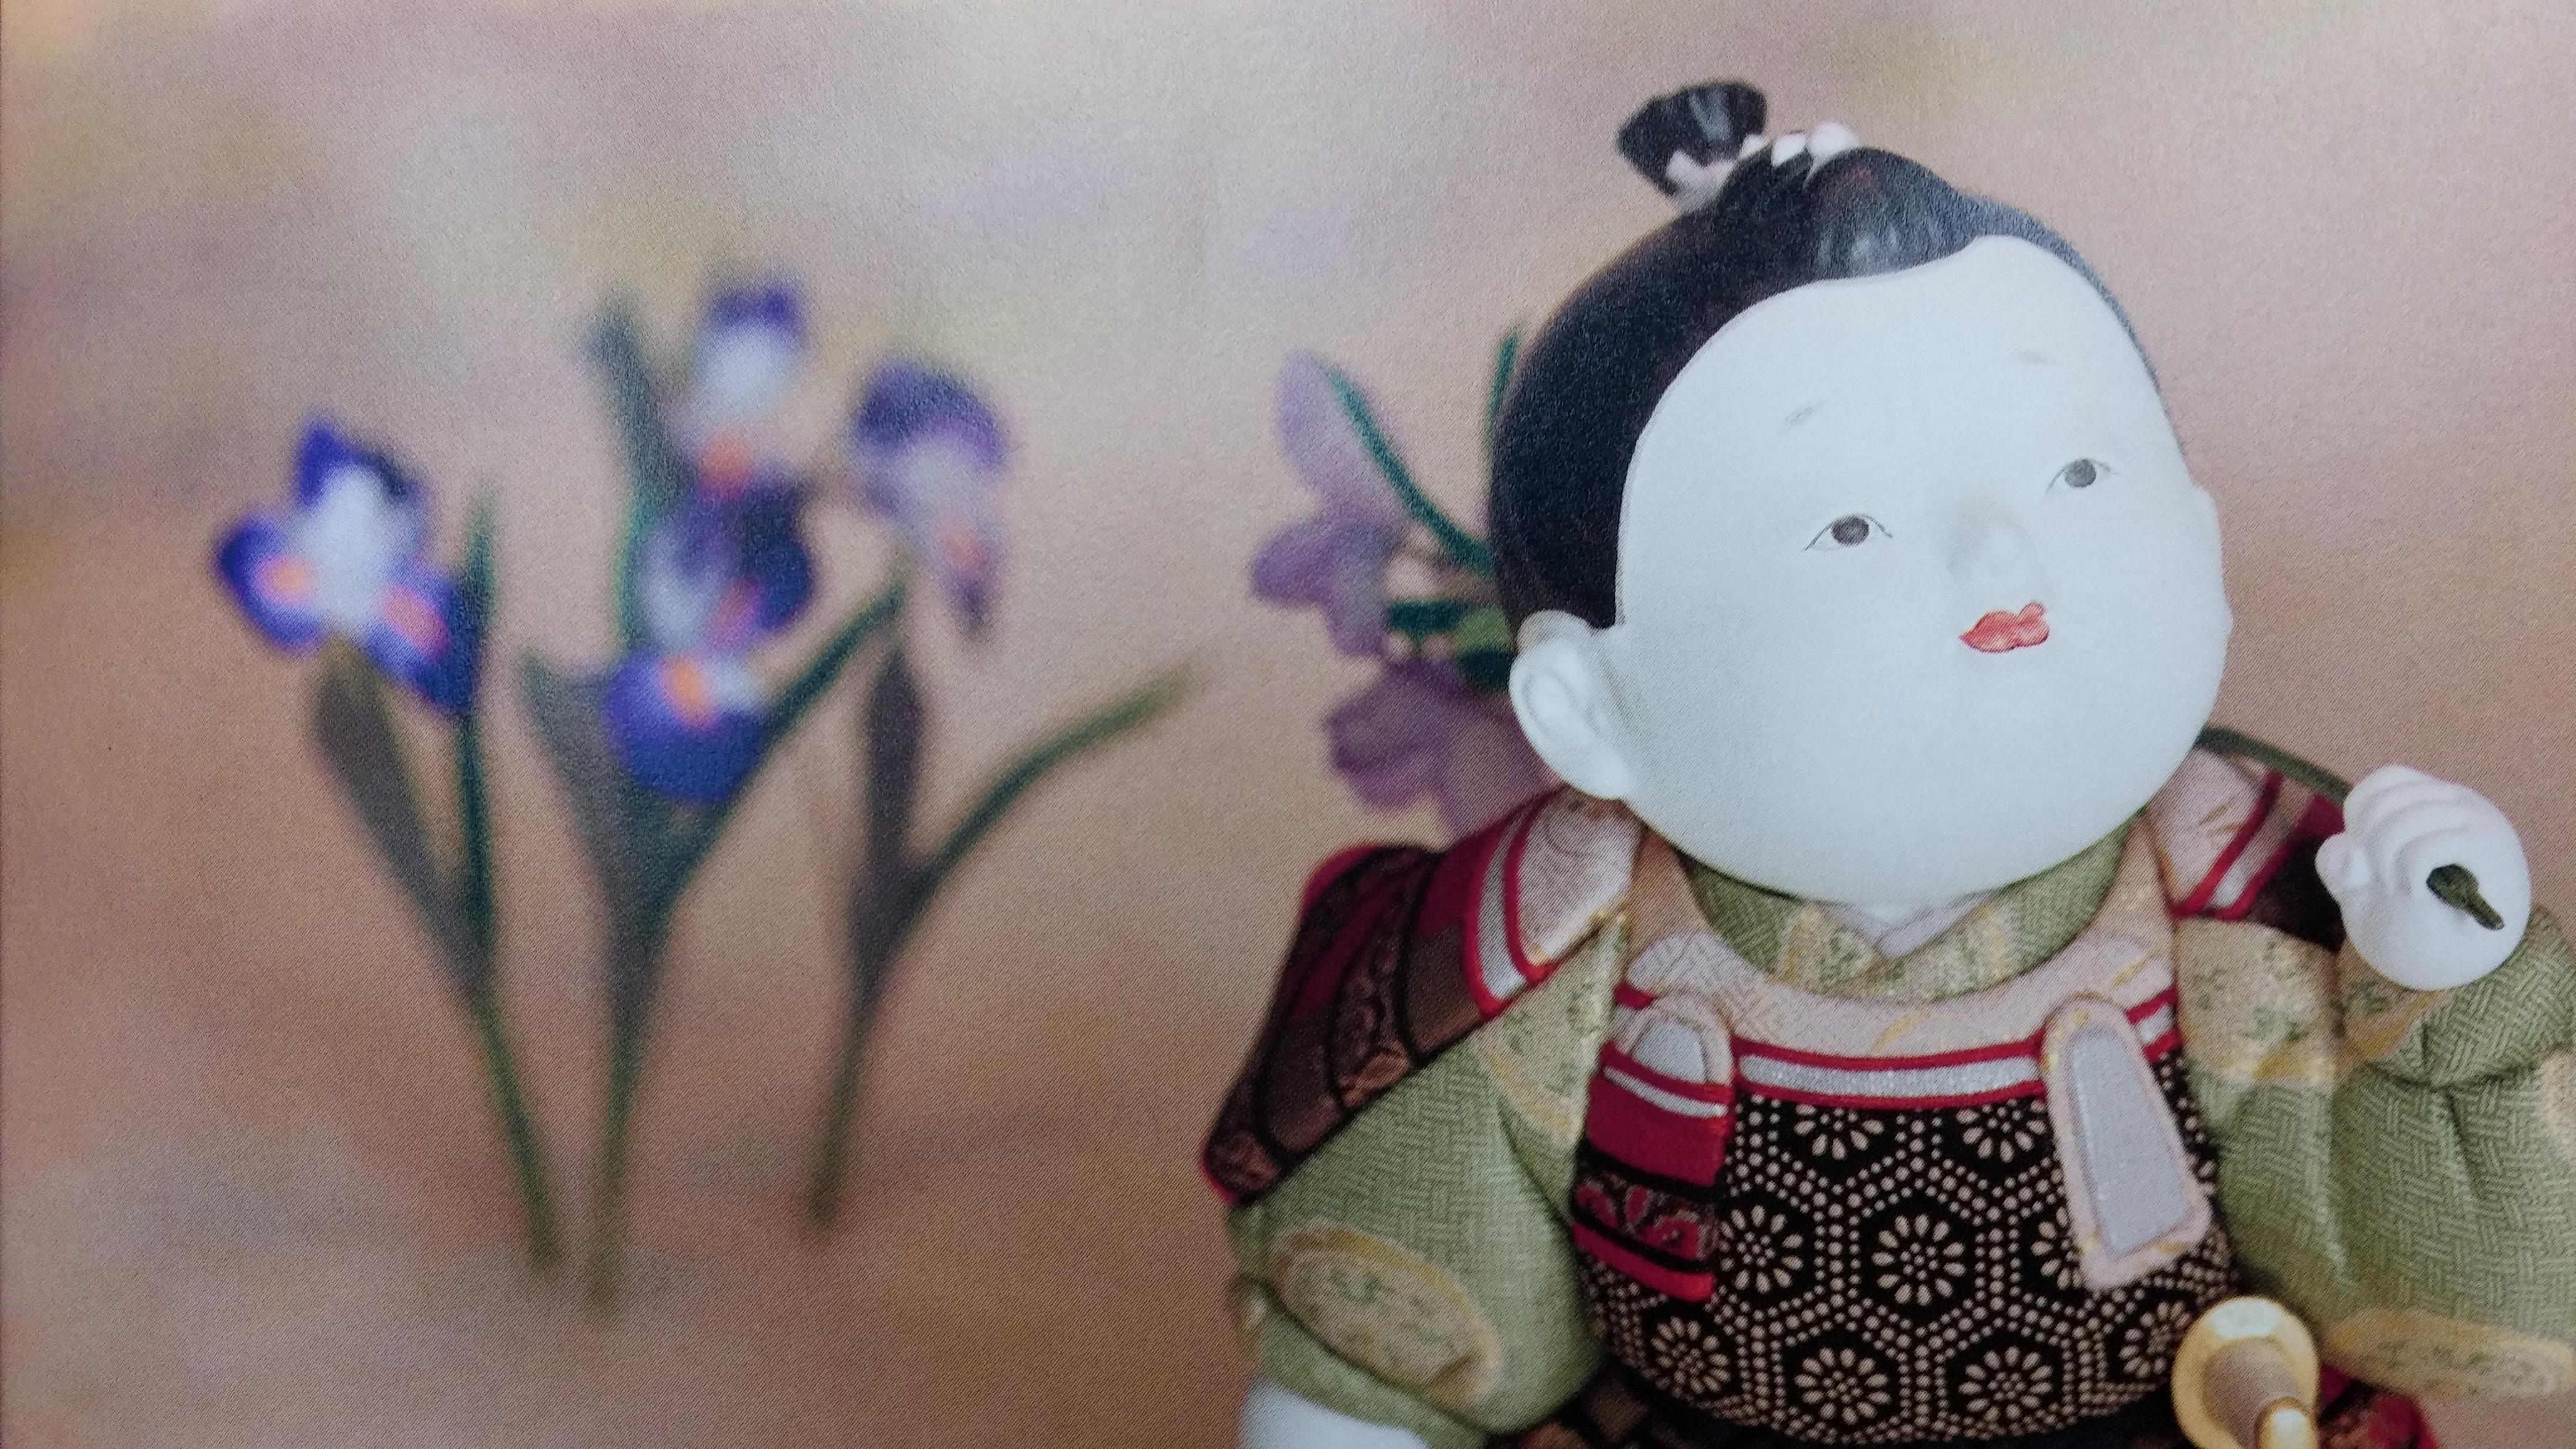 御所童子 颯(はやて) 颯爽とした男児へ成長してほしいとの願いを込めて。 東玉工房の伝統技法が生み出した新しい五月人形、鎧や兜とともにお飾りください